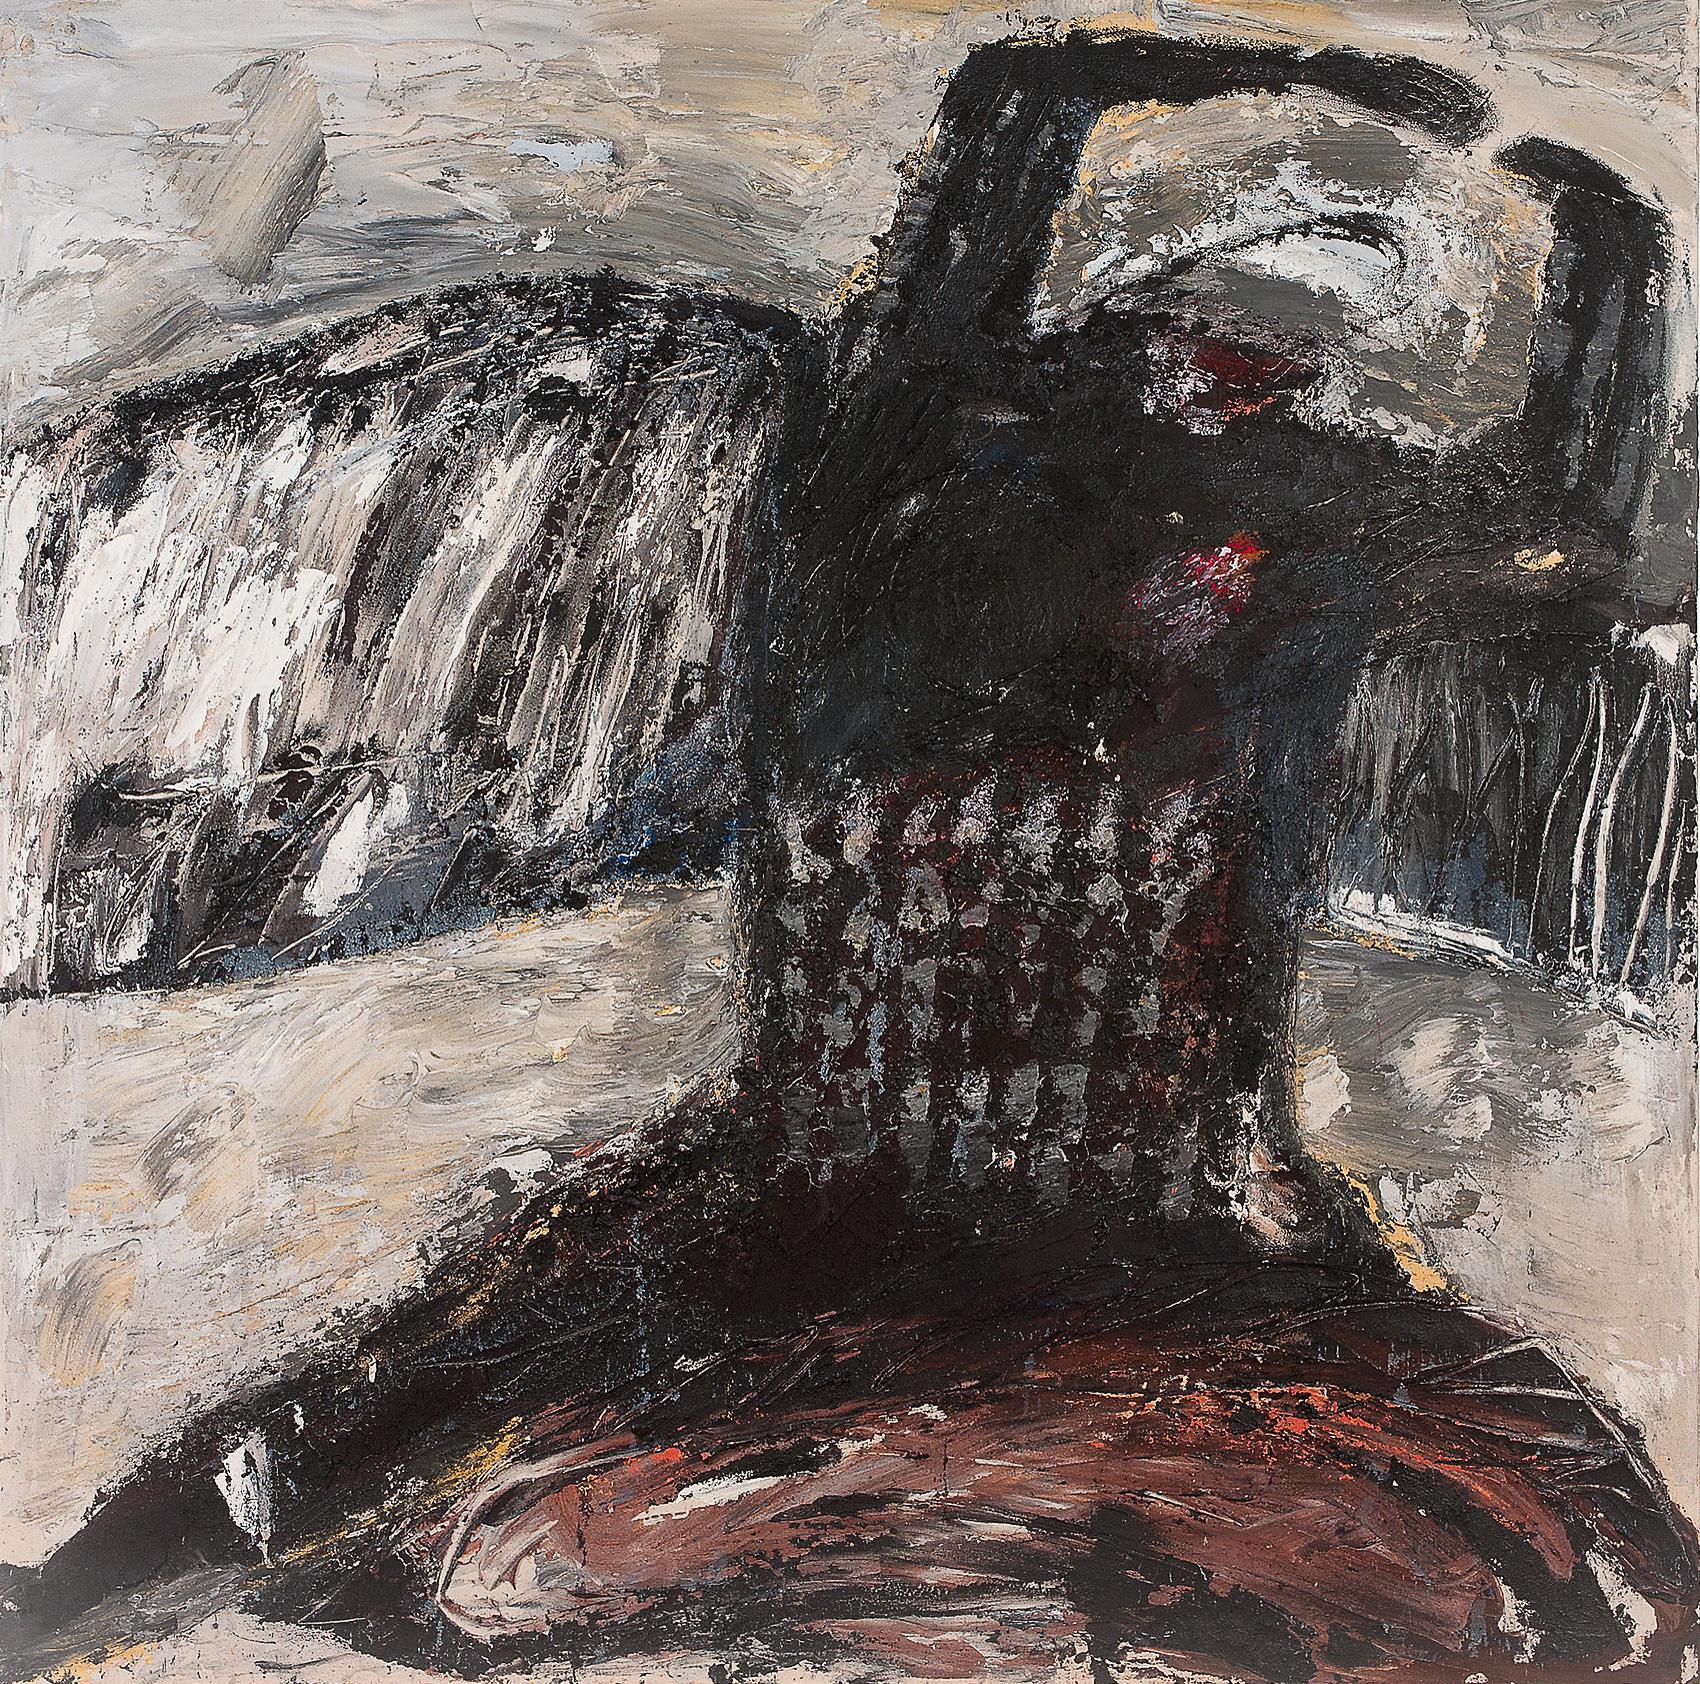 O.T., 2013, Mischtechnik auf Leinwand, 180 x 180 cm